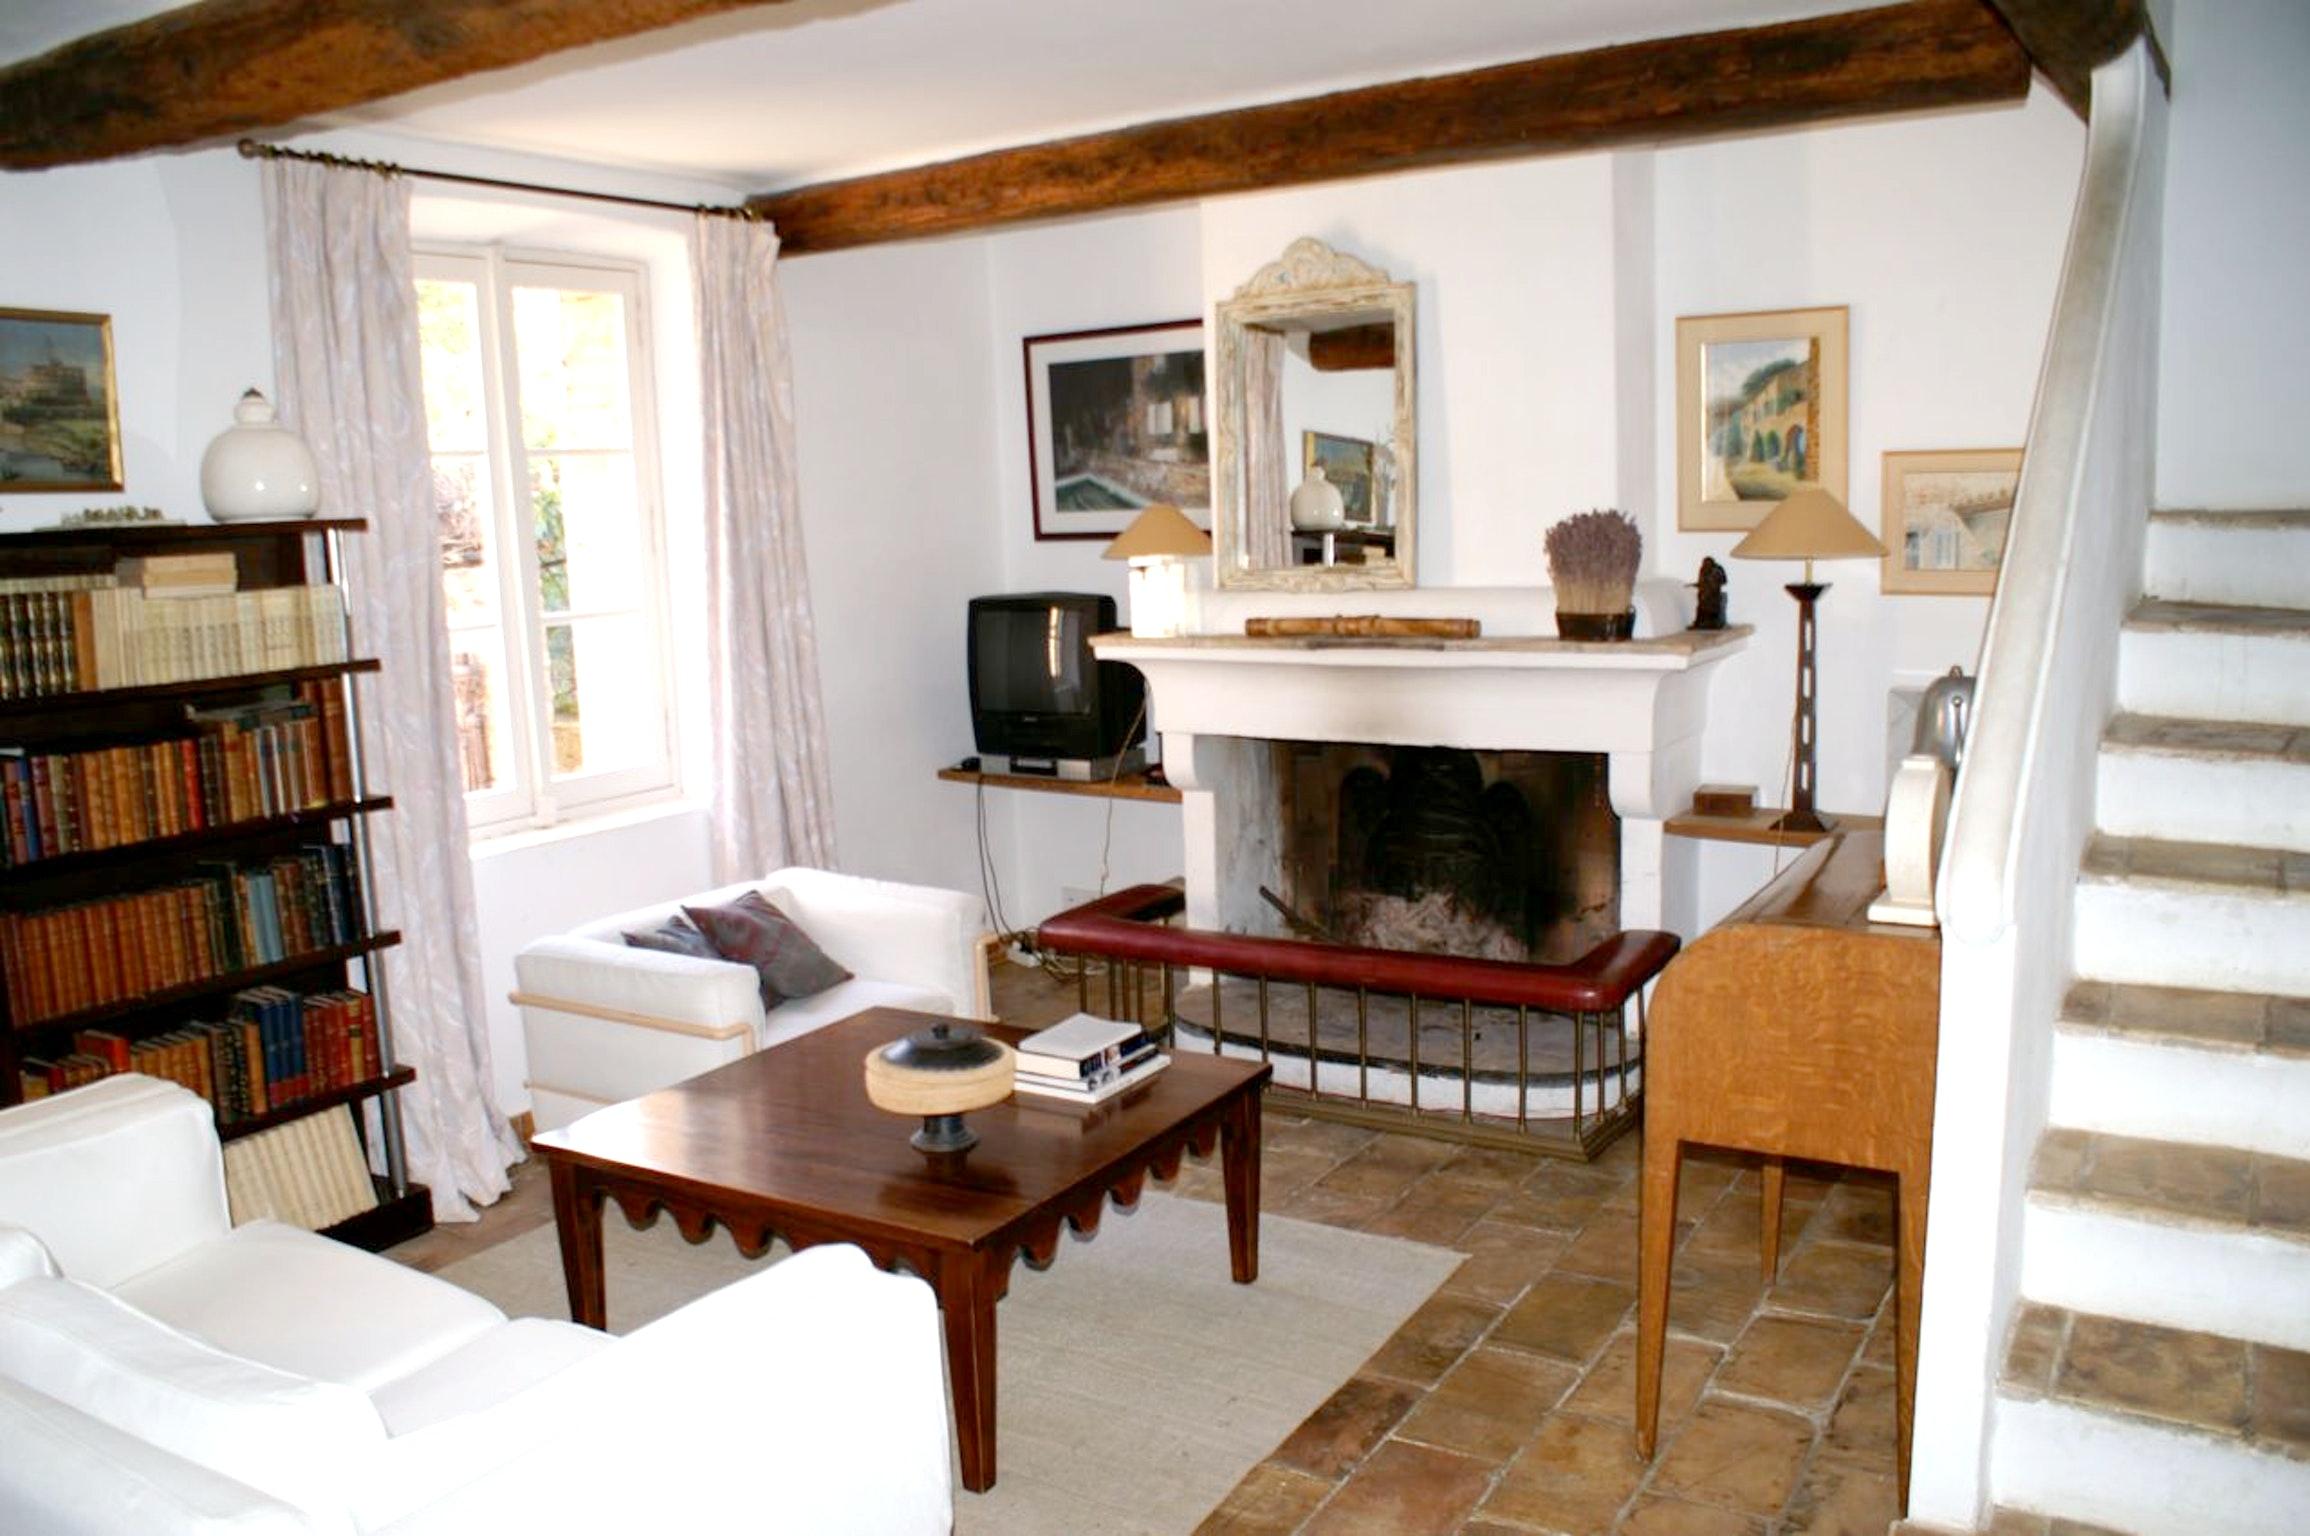 Maison de vacances Villa mit 5 Zimmern in La Garde-Freinet mit privatem Pool, Garten und W-LAN - 20 km vom St (2339879), La Garde Freinet, Côte d'Azur, Provence - Alpes - Côte d'Azur, France, image 13